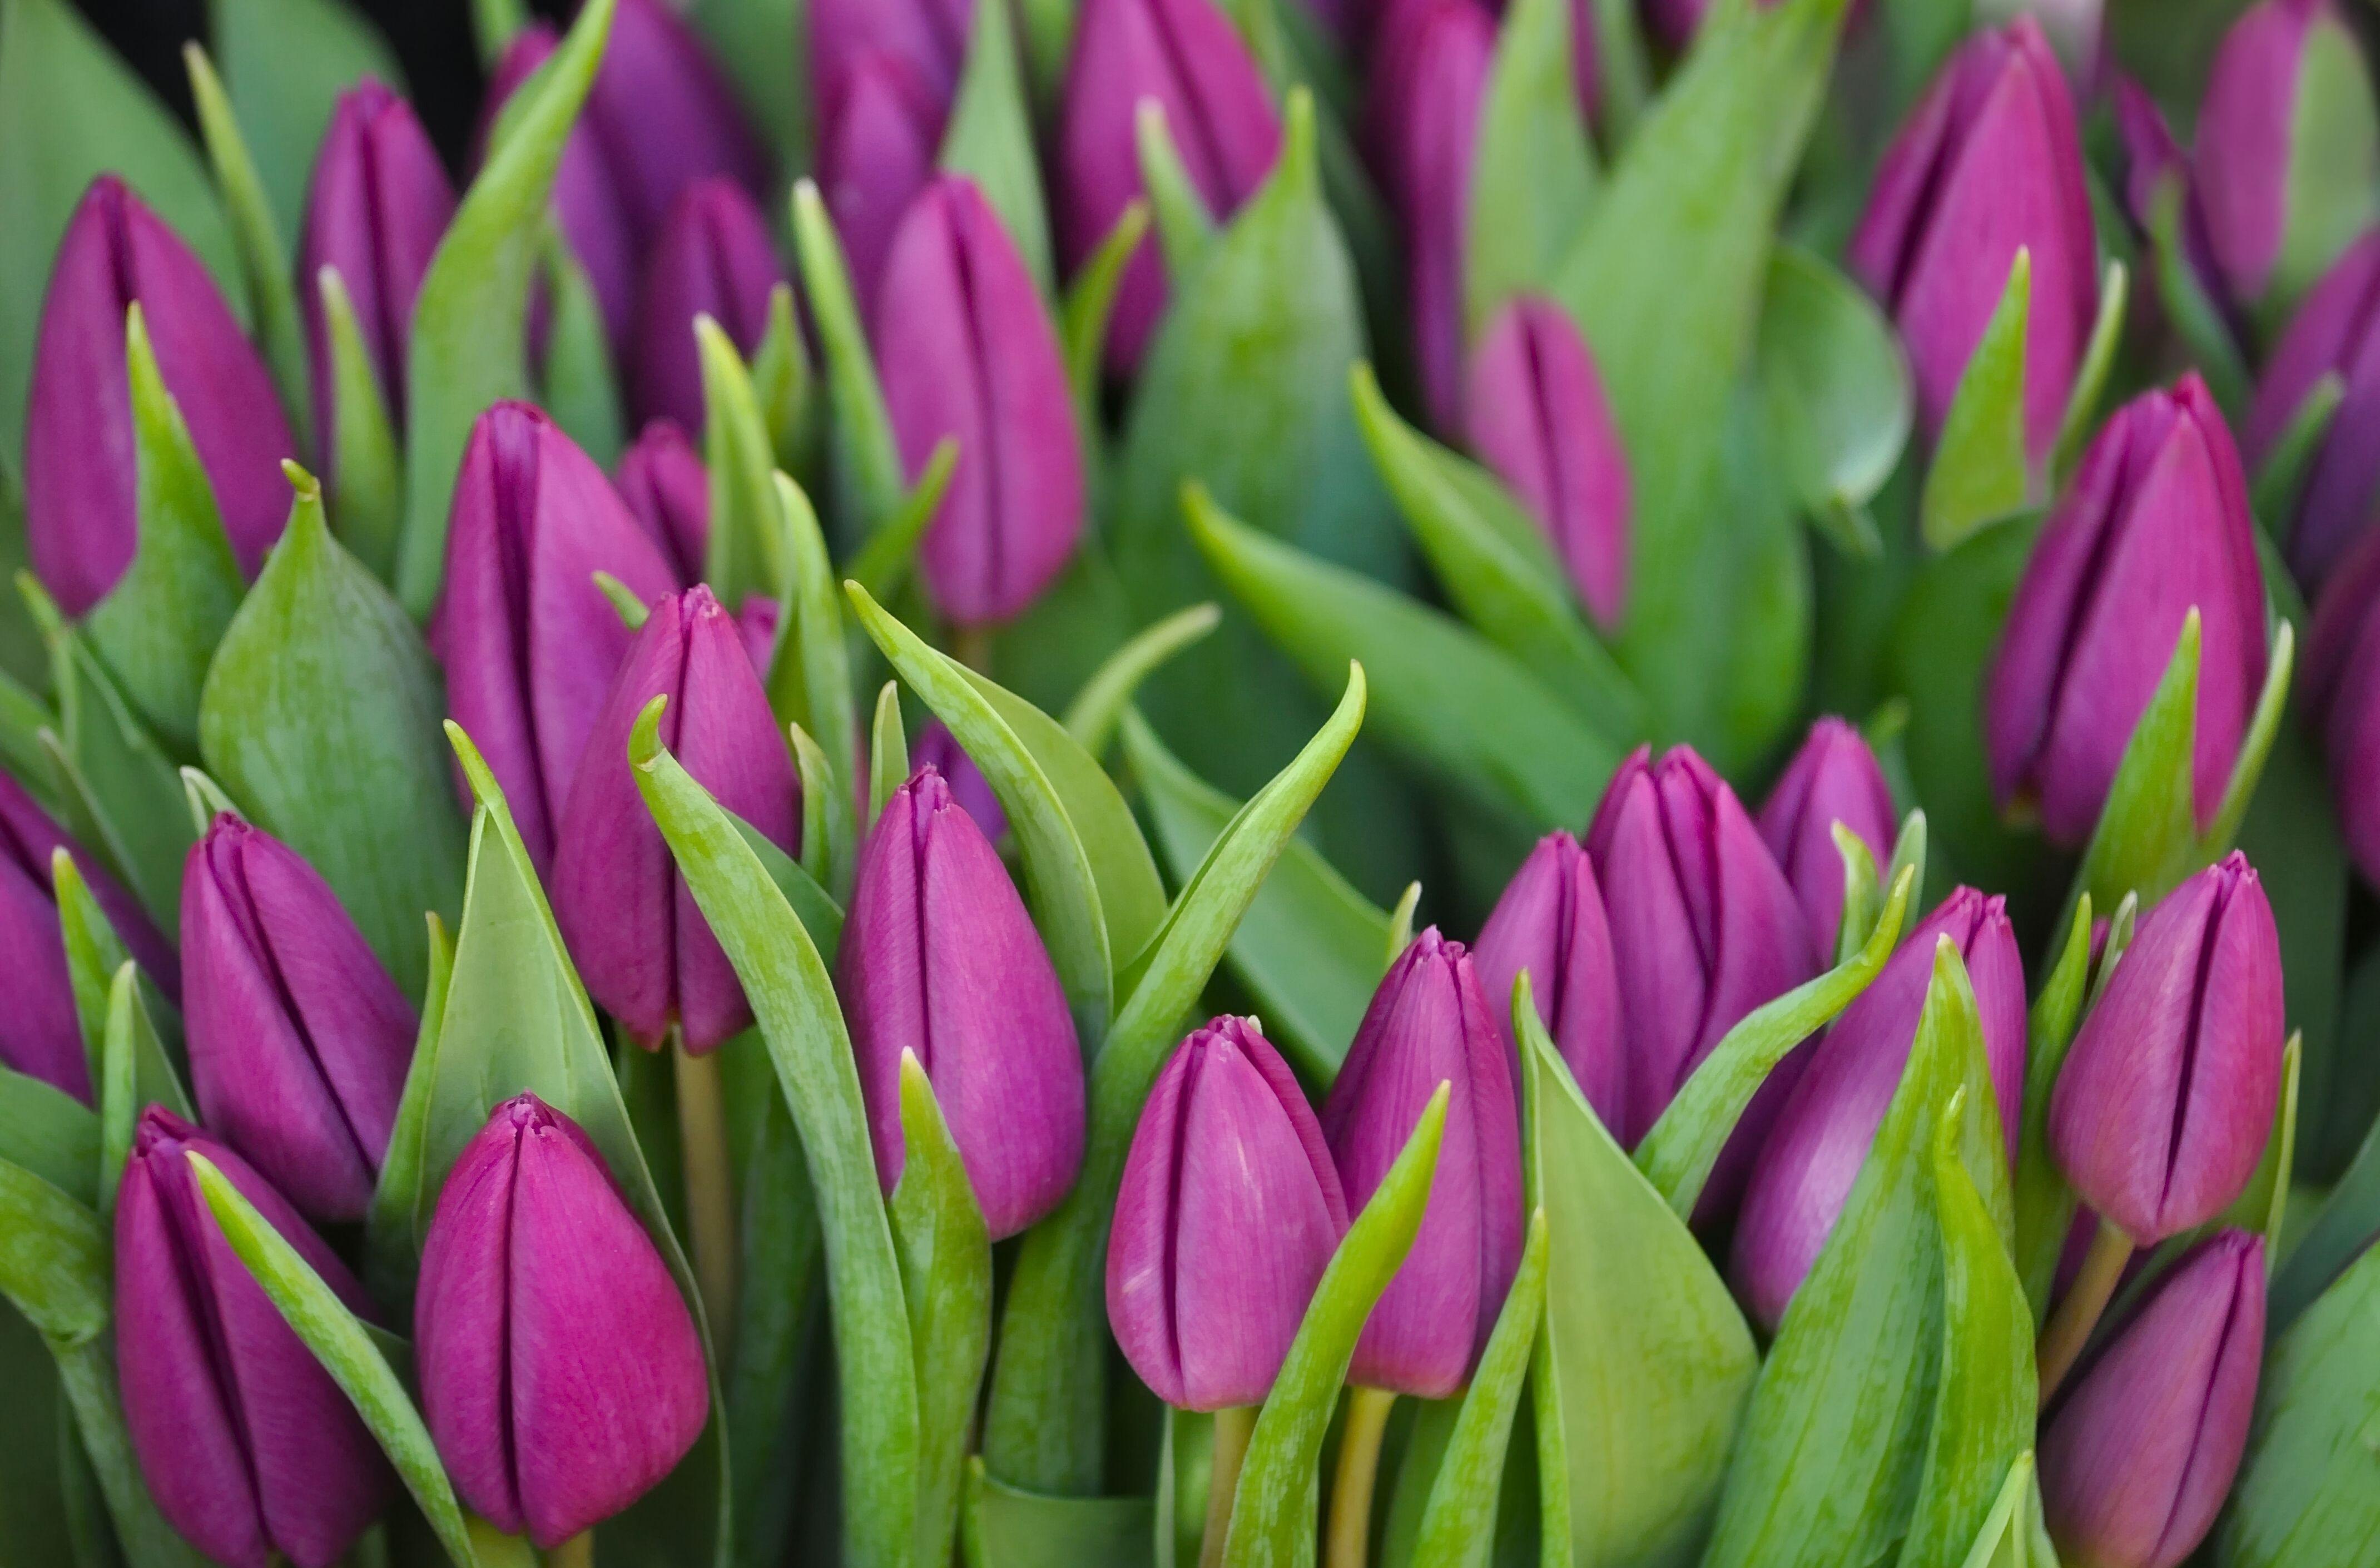 152106 скачать обои Цветы, Бутоны, Сиреневые, Букет, Зелень, Тюльпаны - заставки и картинки бесплатно